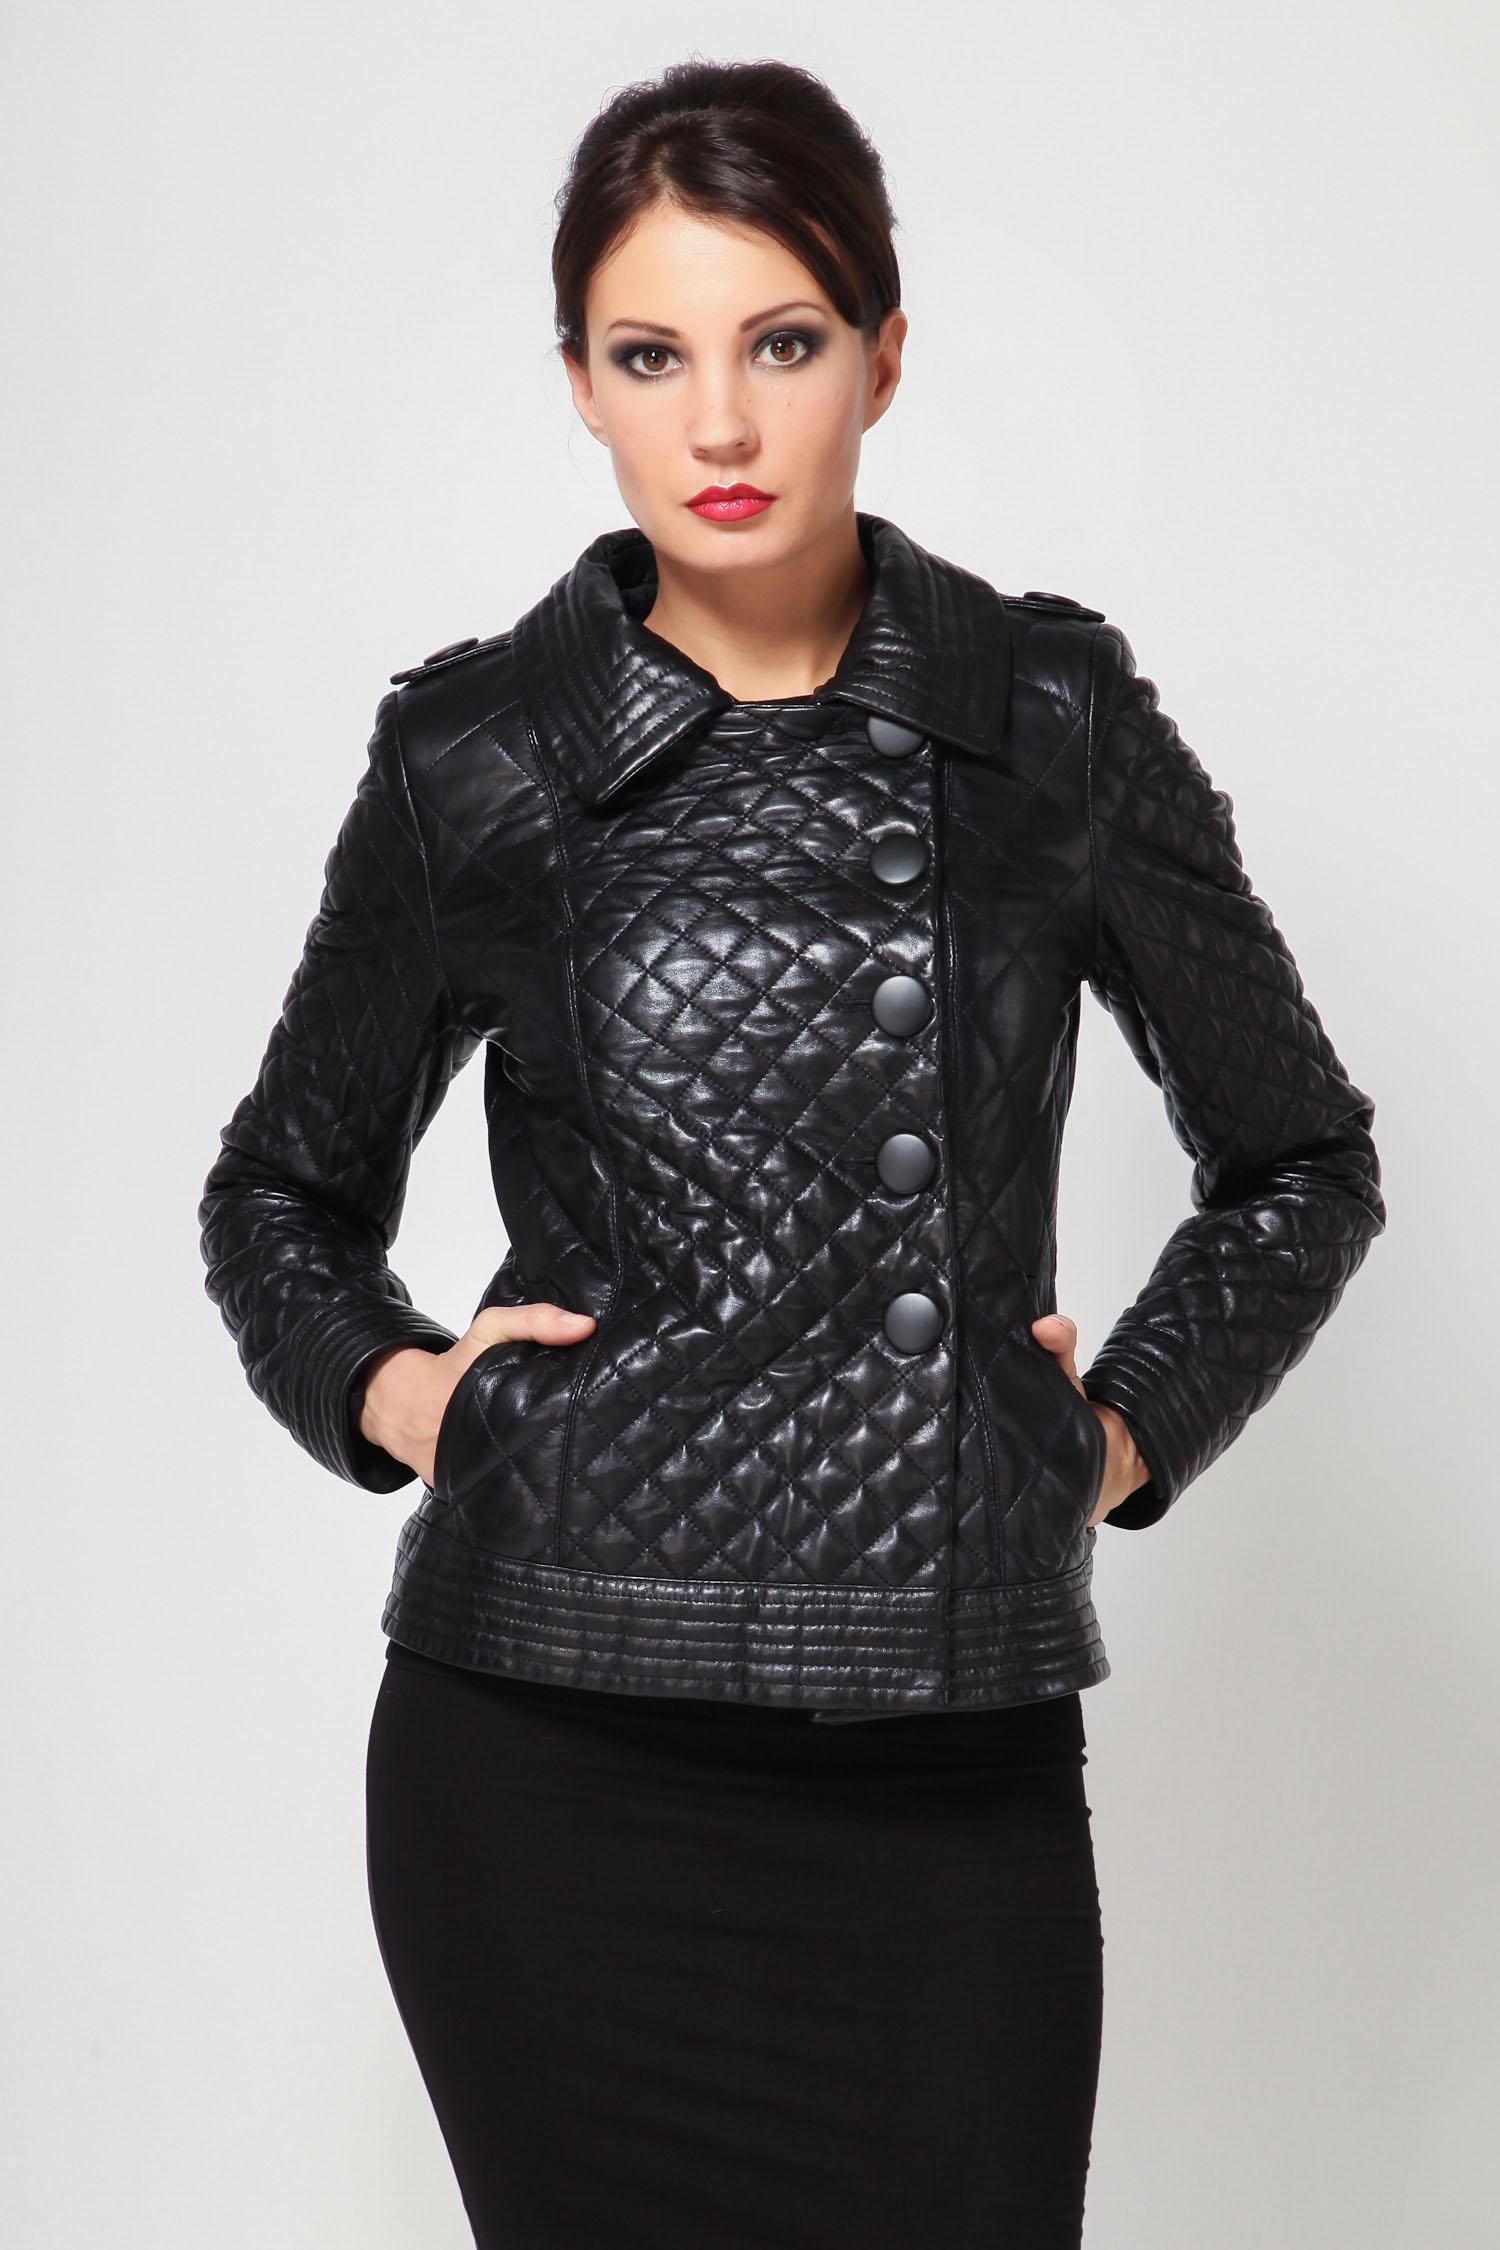 Женская кожаная куртка из натуральной кожи с воротником, отделка лисаКлассическая черная кожаная куртка  это стильная новинка нашего каталога. Выполненная из натуральной кожи прекрасного качества, она займет первое место в вашем весеннем гардеробе. Легкая и модная, простая и удобная по крою, она еще и довольно теплая  подходит на прохладную погоду.<br><br>В этом сезоне очень модно носить куртки с таким воротником. Воротник из меха чернобурой лисы, который отстегивается и превращается в классический отложной воротник.<br><br>Куртка застегивается на пуговицы. По бокам два прорезных кармана, довольно вместительных. Данная модель благодаря классическому цвету и покрою одинаково хорошо подойдет и к мини-юбке, и к джинсам, и к узким брюкам. Представьте, как она будет Вам и всем окружающим поднимать настроение?!<br><br>Воротник: Обычный<br>Длина см: 55<br>Материал: Плонже<br>Цвет: Черный<br>Вид застежки: Лиса<br>Пол: Женский